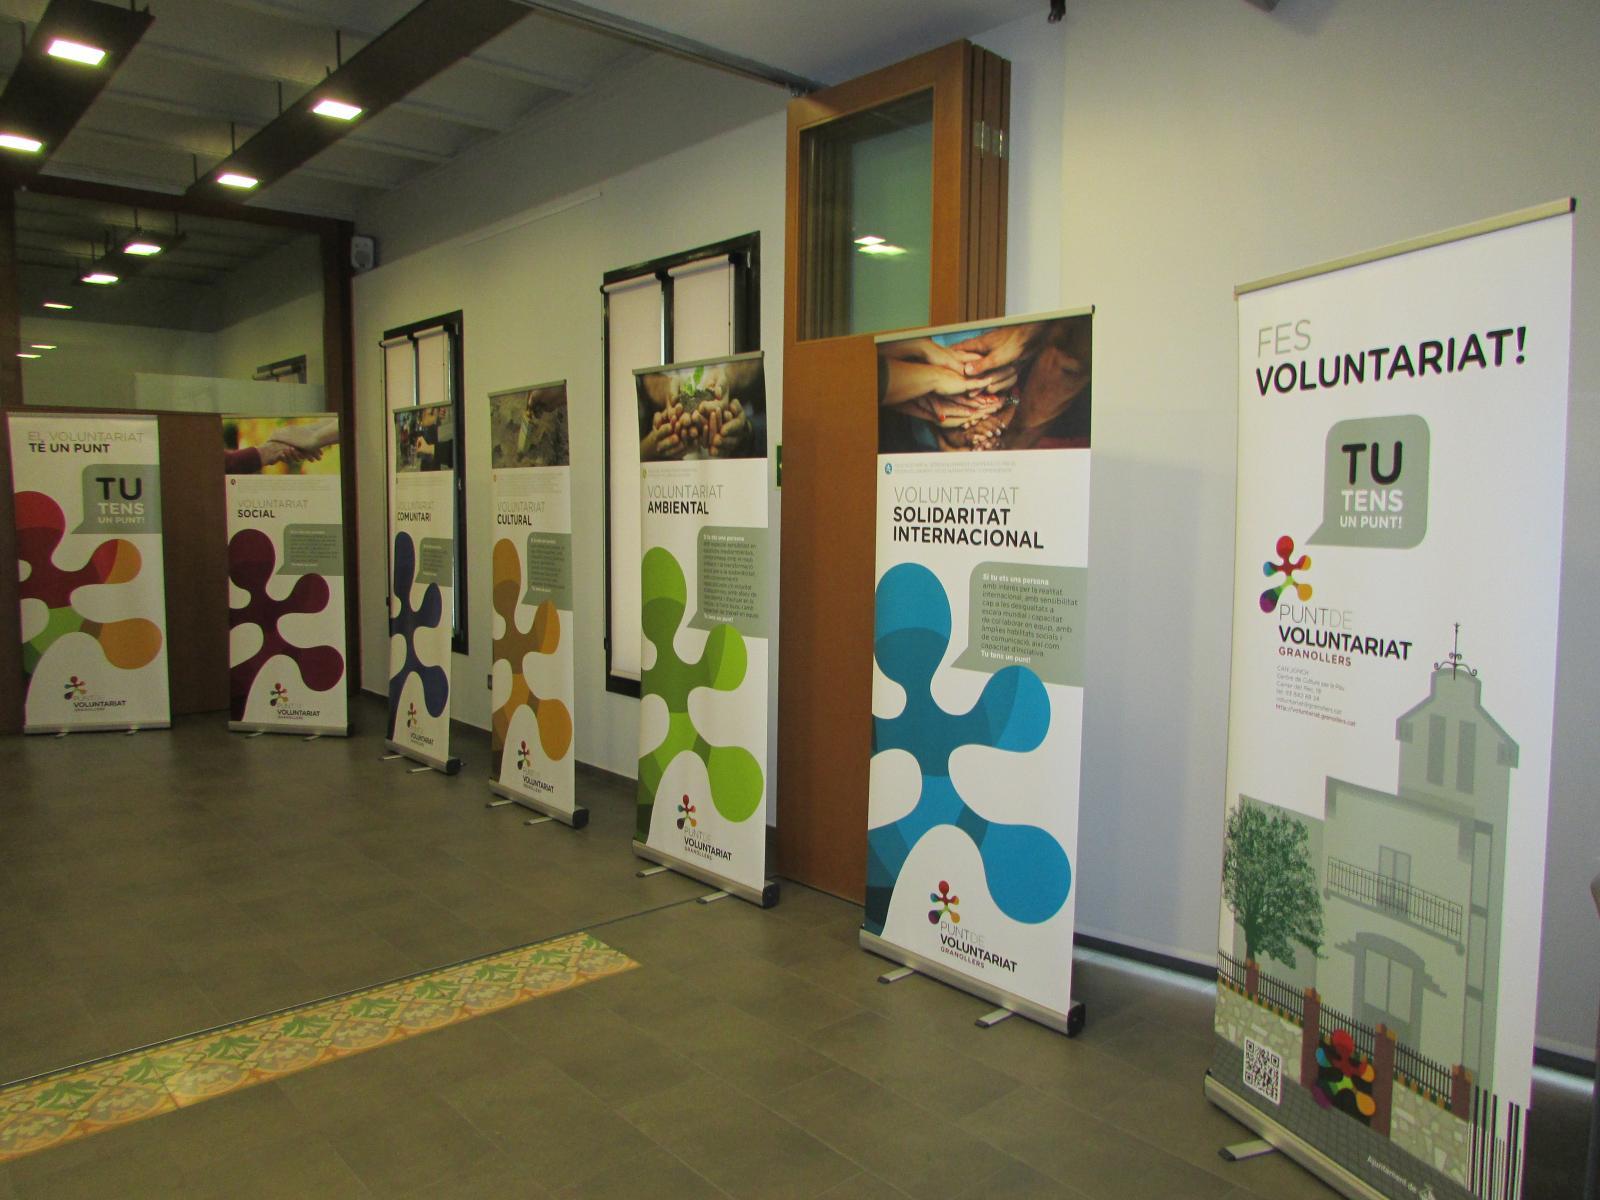 La mostra és itinerant i es podrà visitar per les seus de les entitats que la sol·licitin.